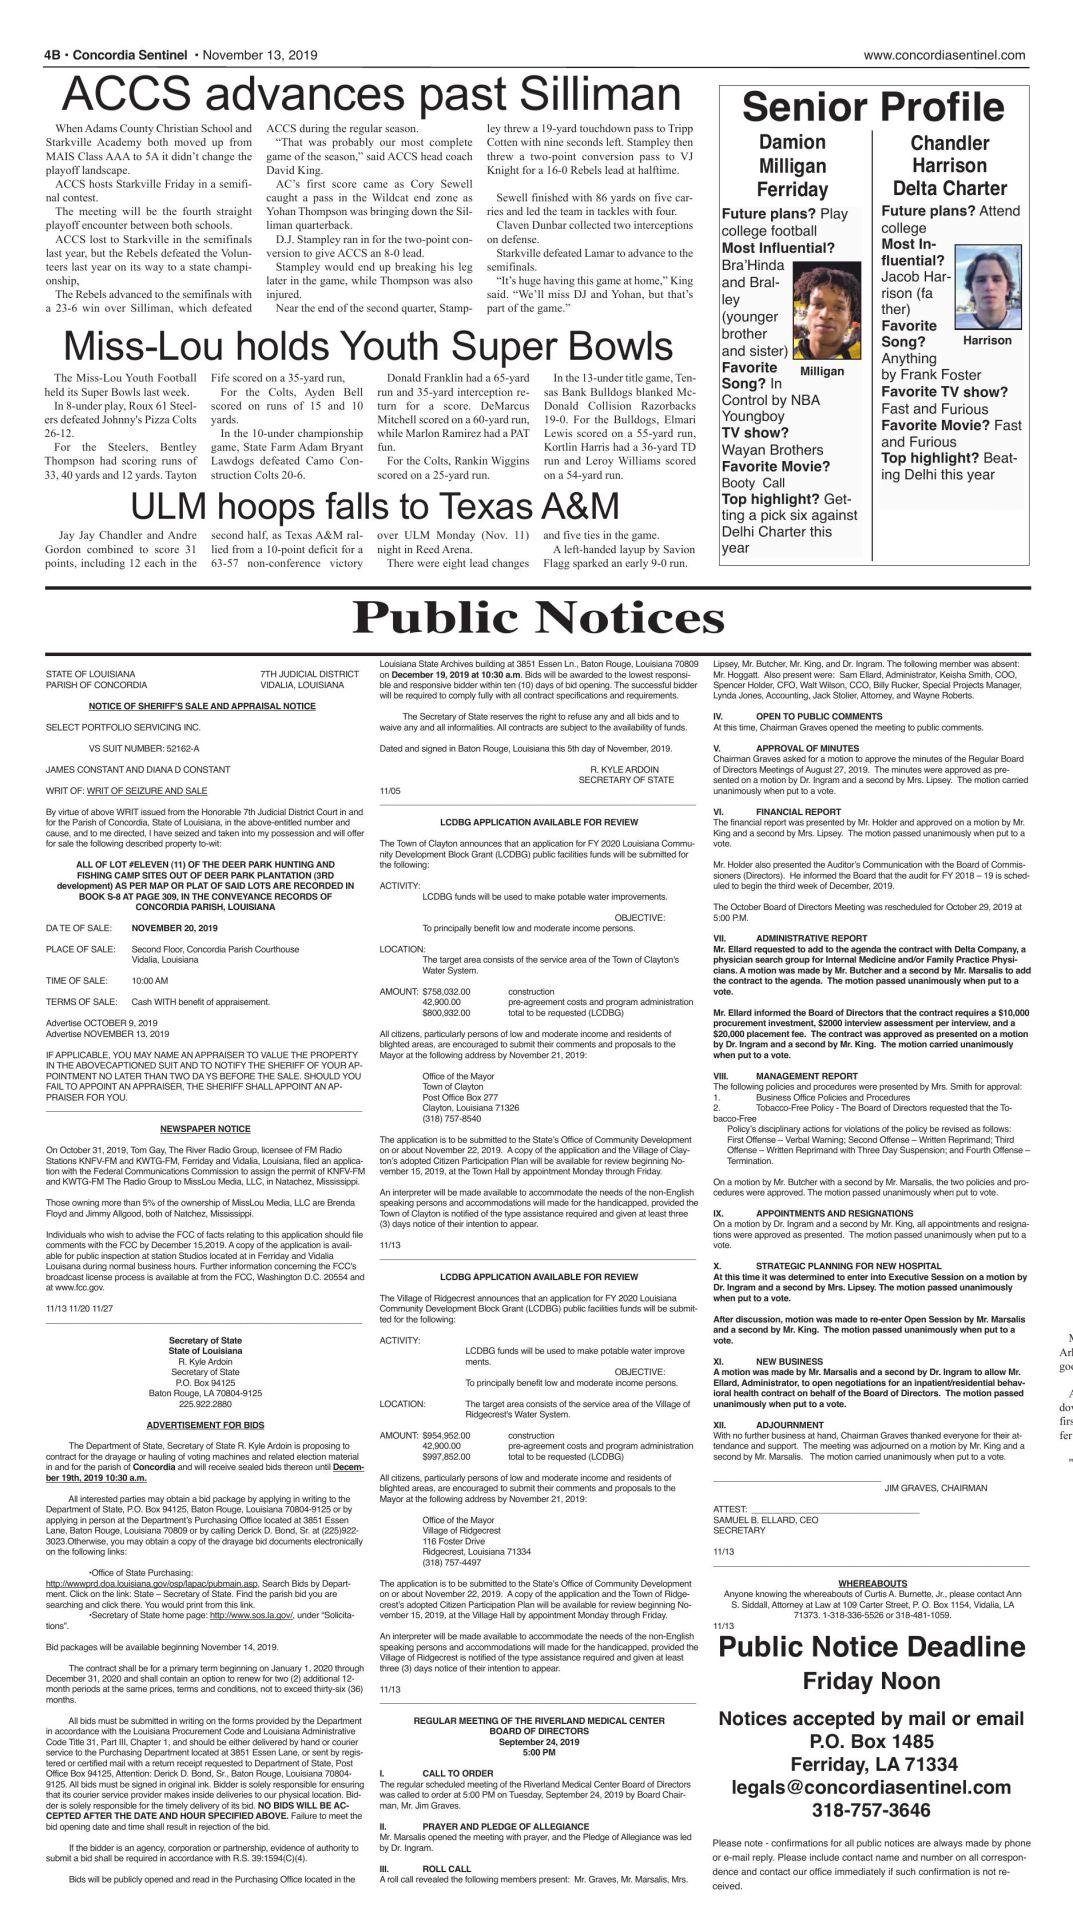 Public Notices - Nov. 13, 2019